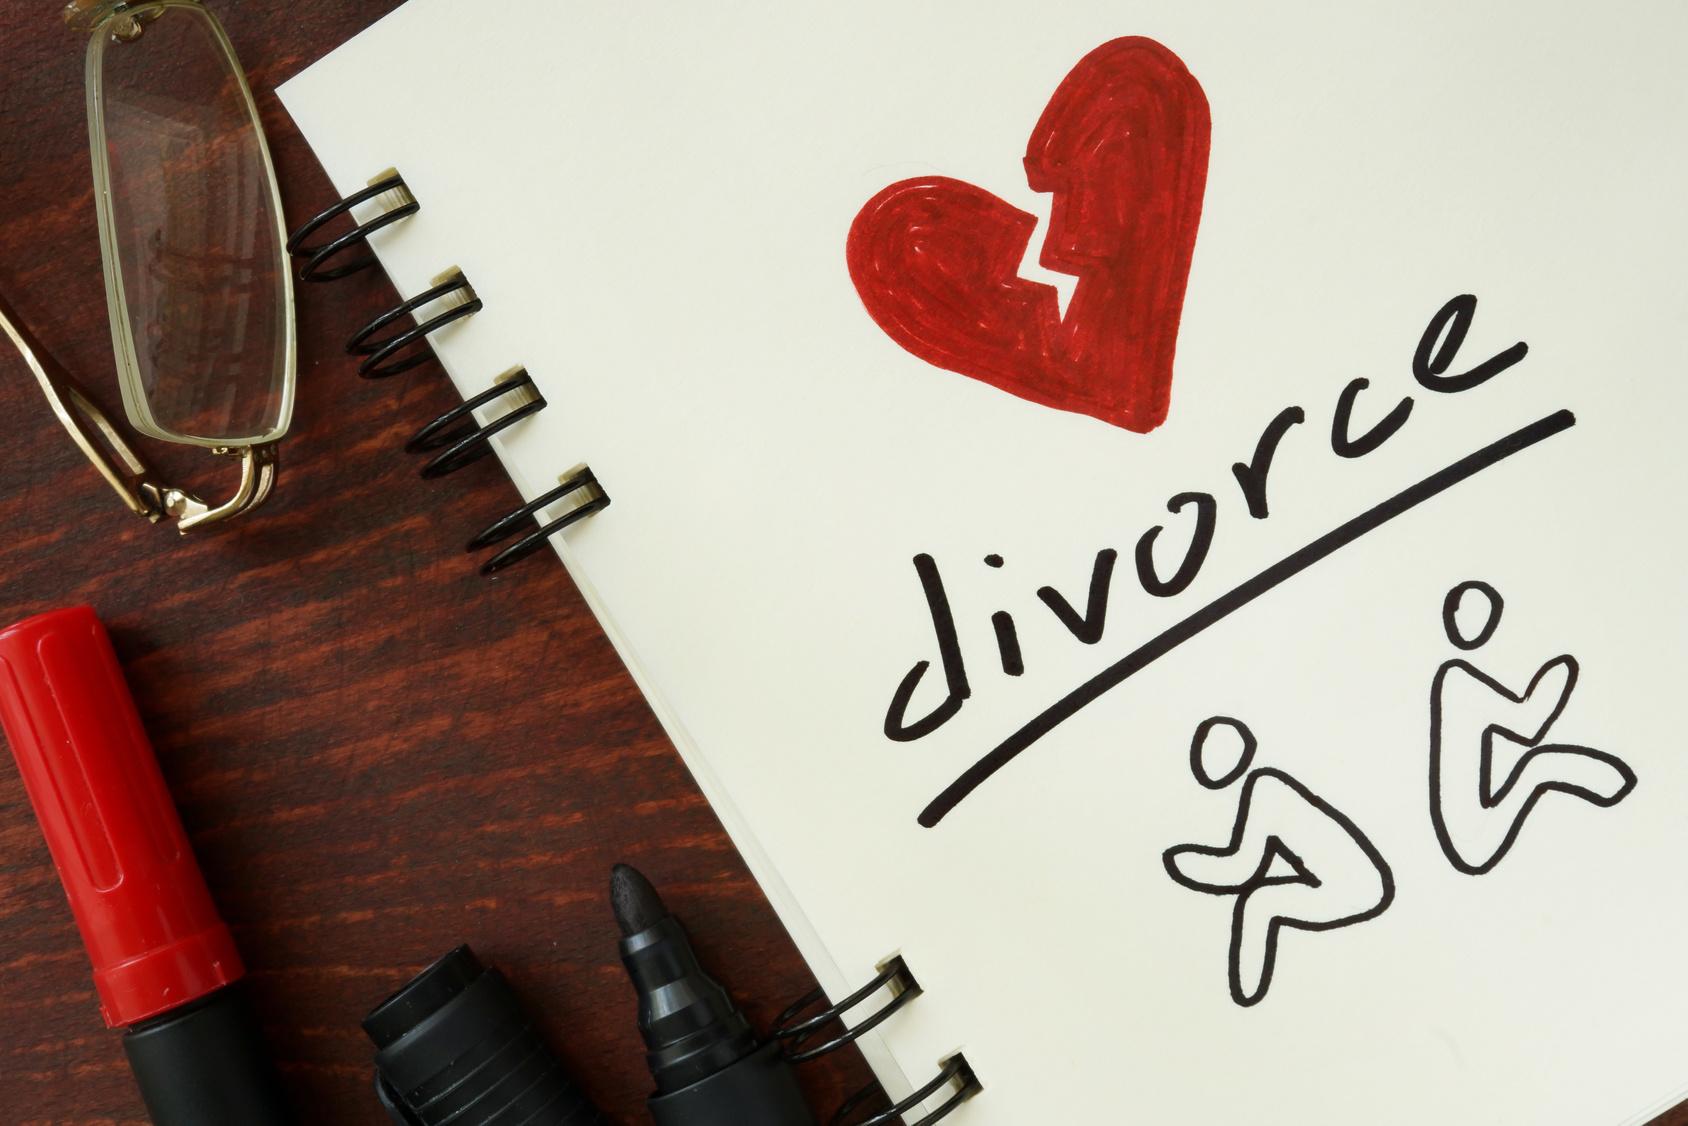 Filing For Bankruptcy During Divorce